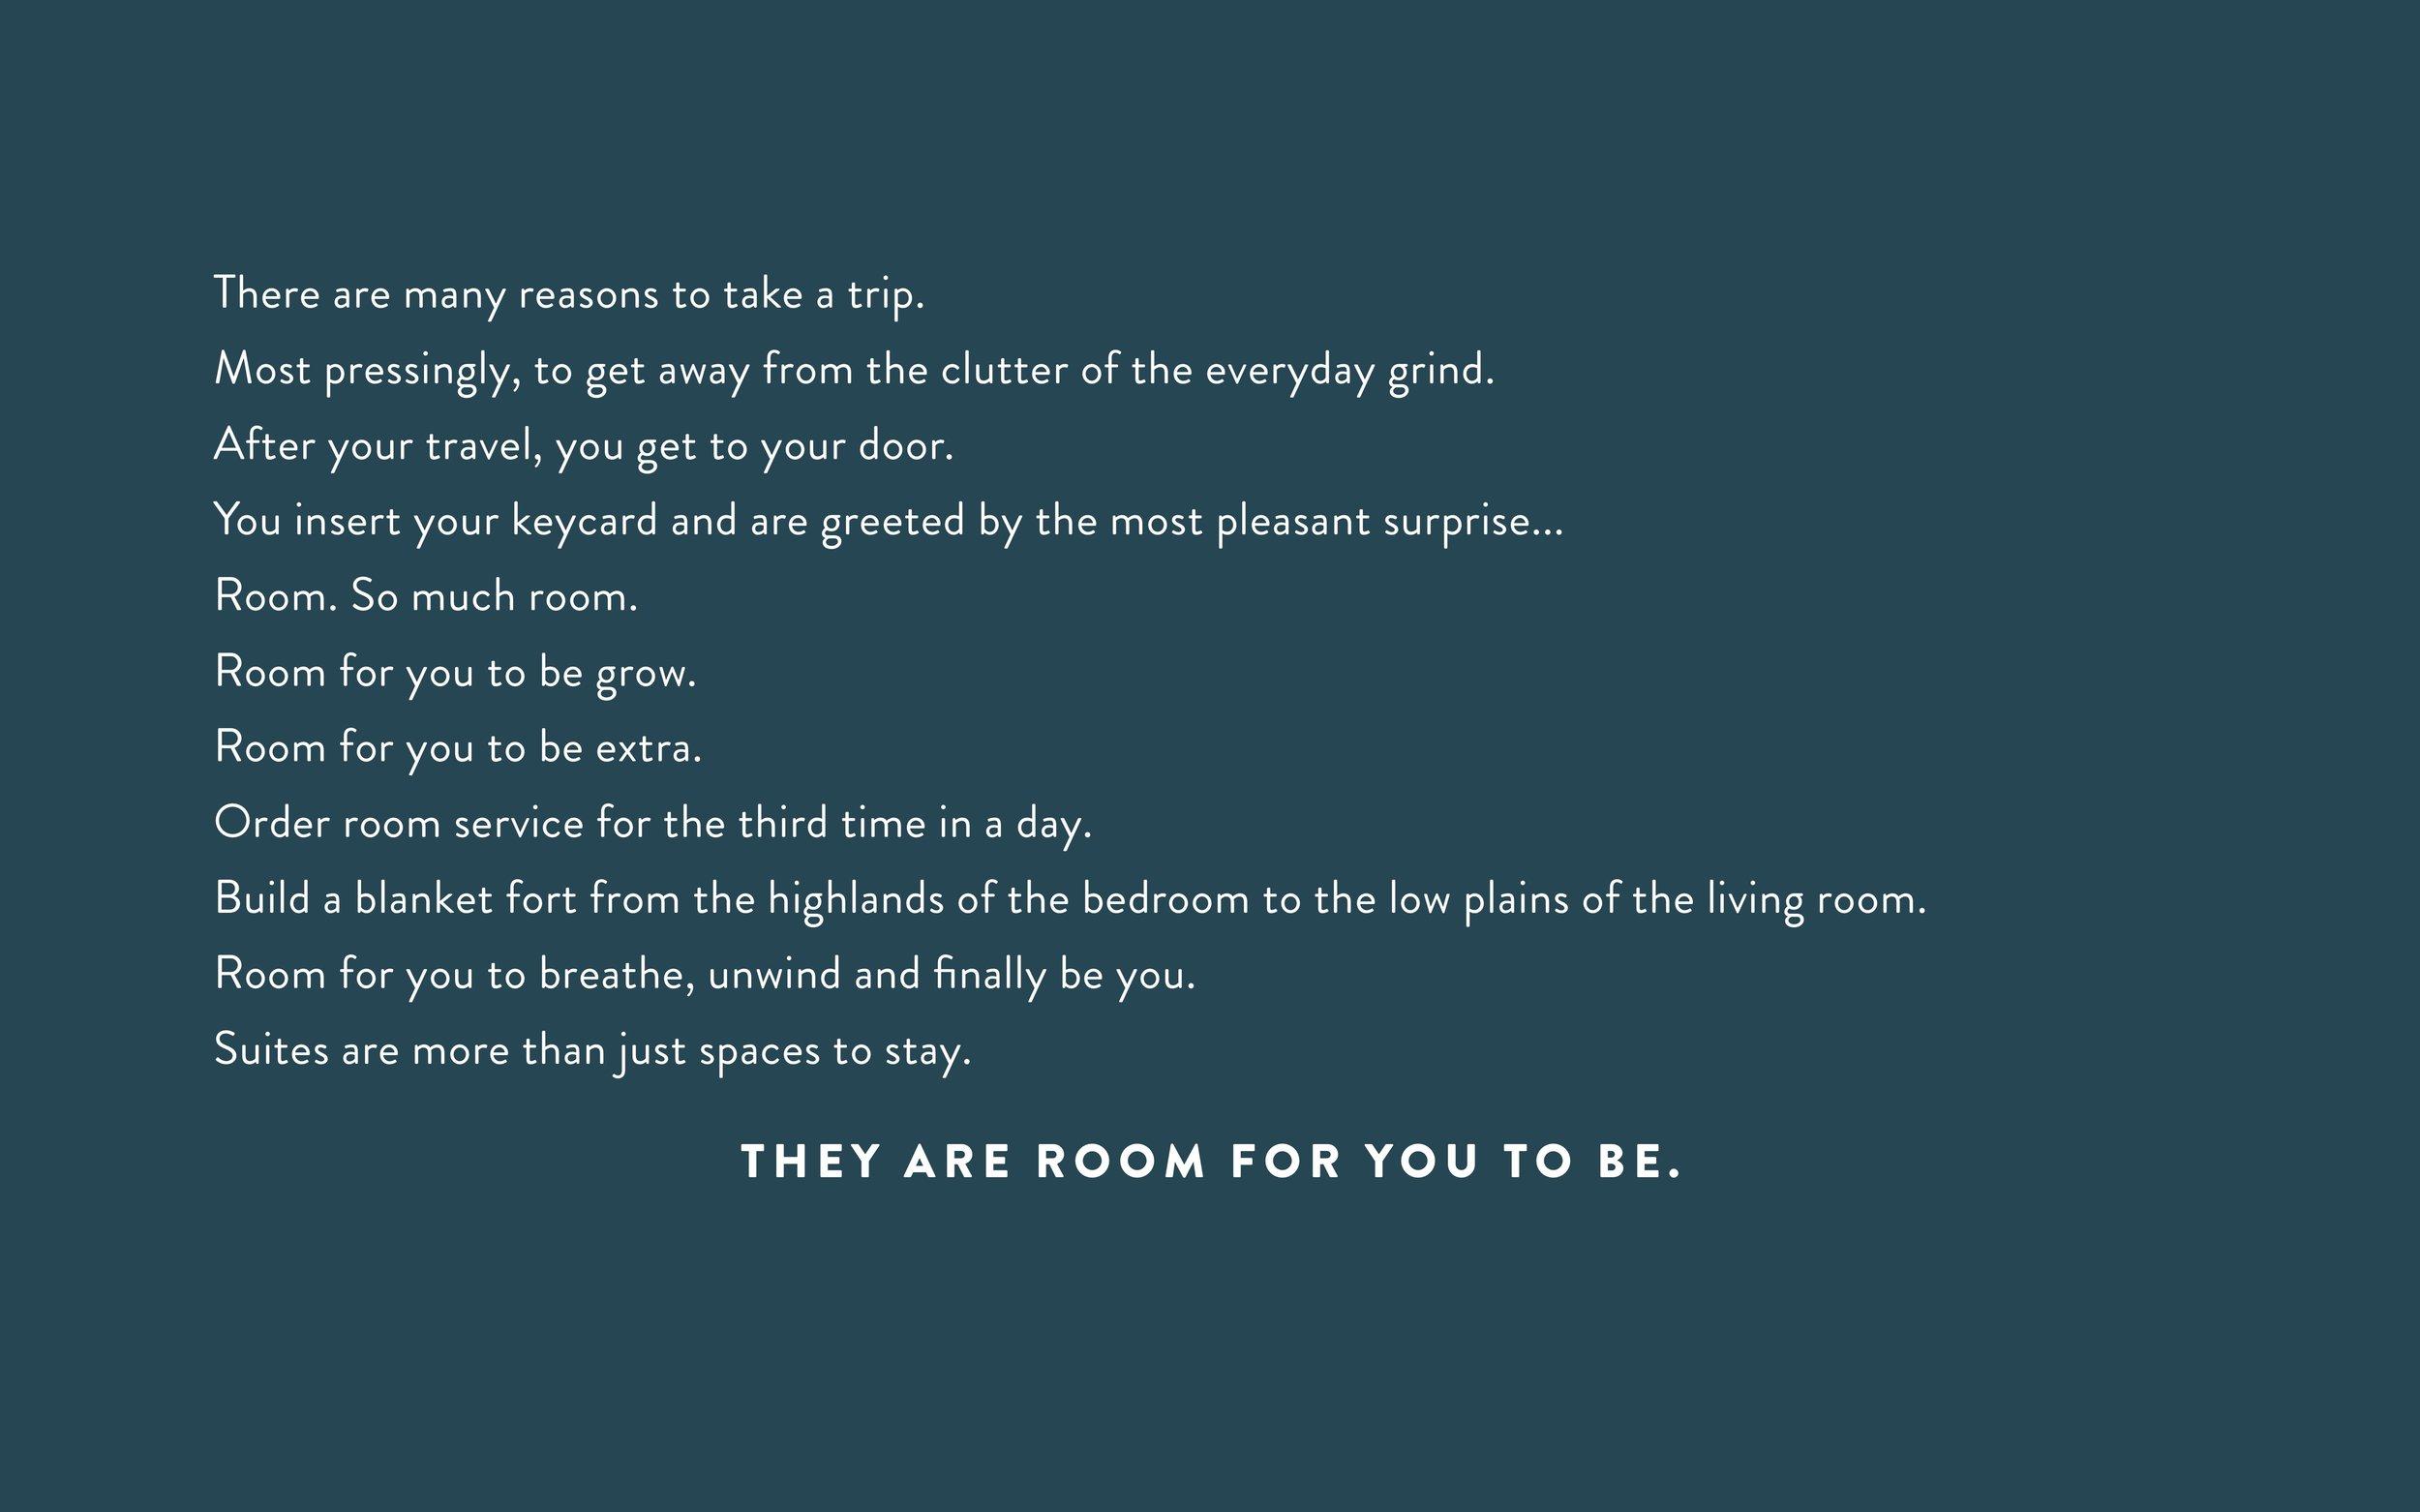 RoomForYou3.jpg